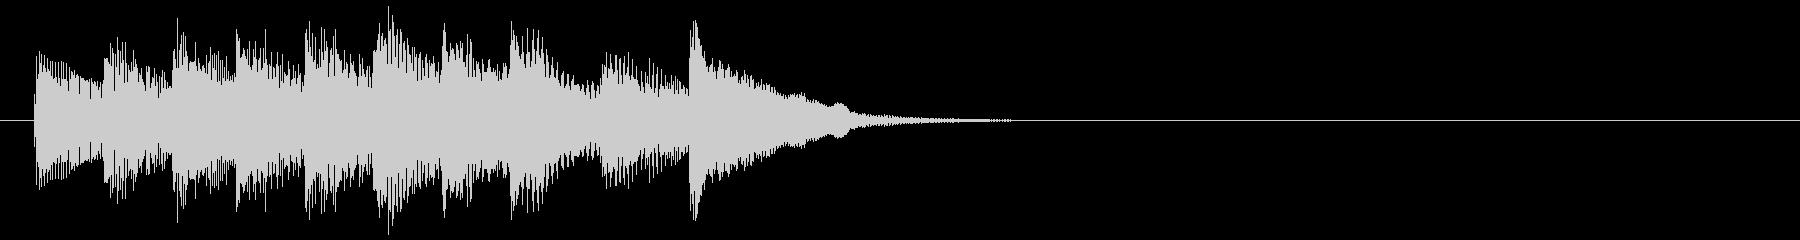 和風 琴 フレーズ1の未再生の波形